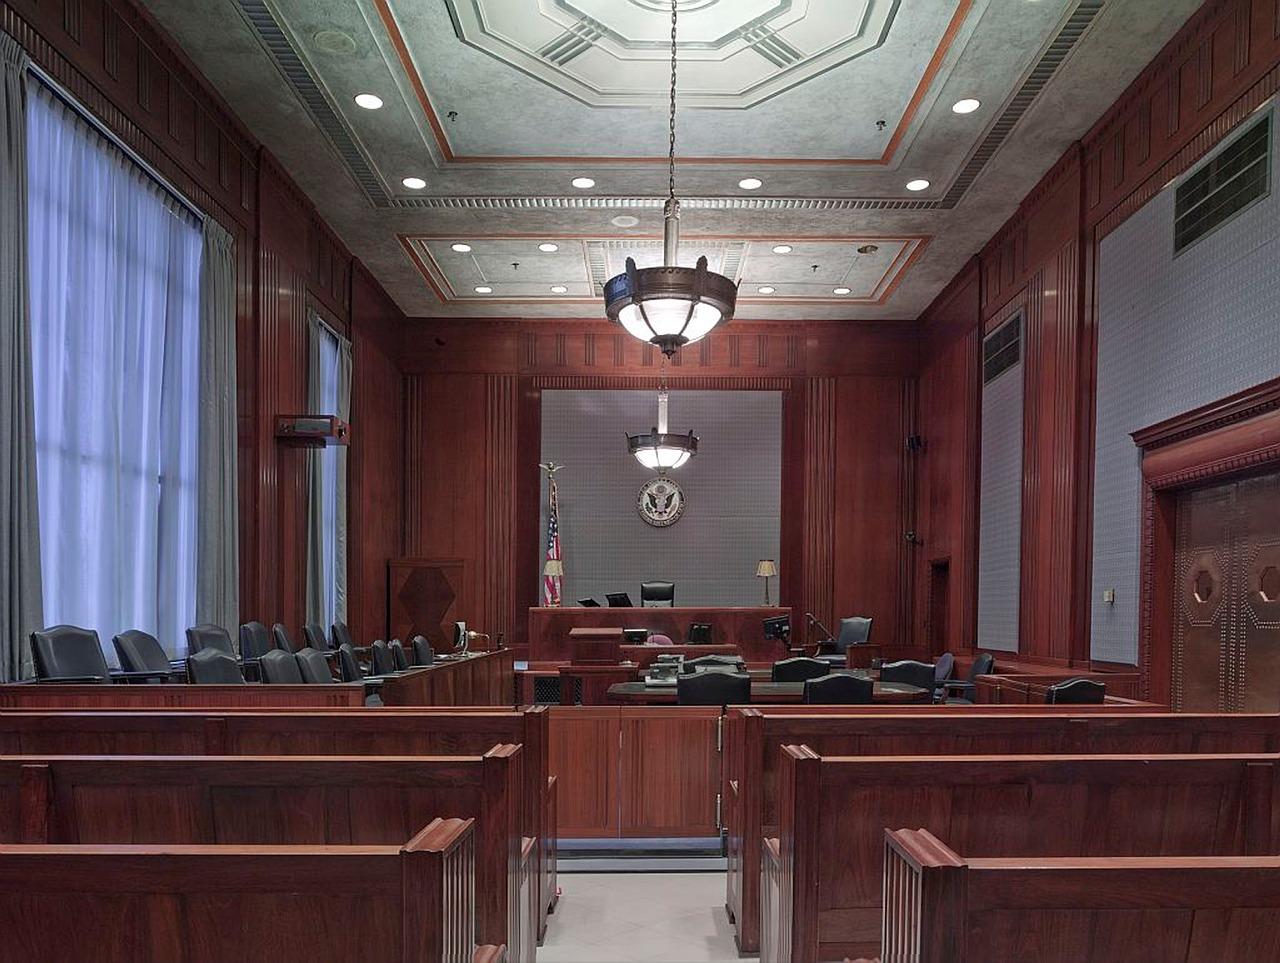 תביעה רגילה או אזרחית